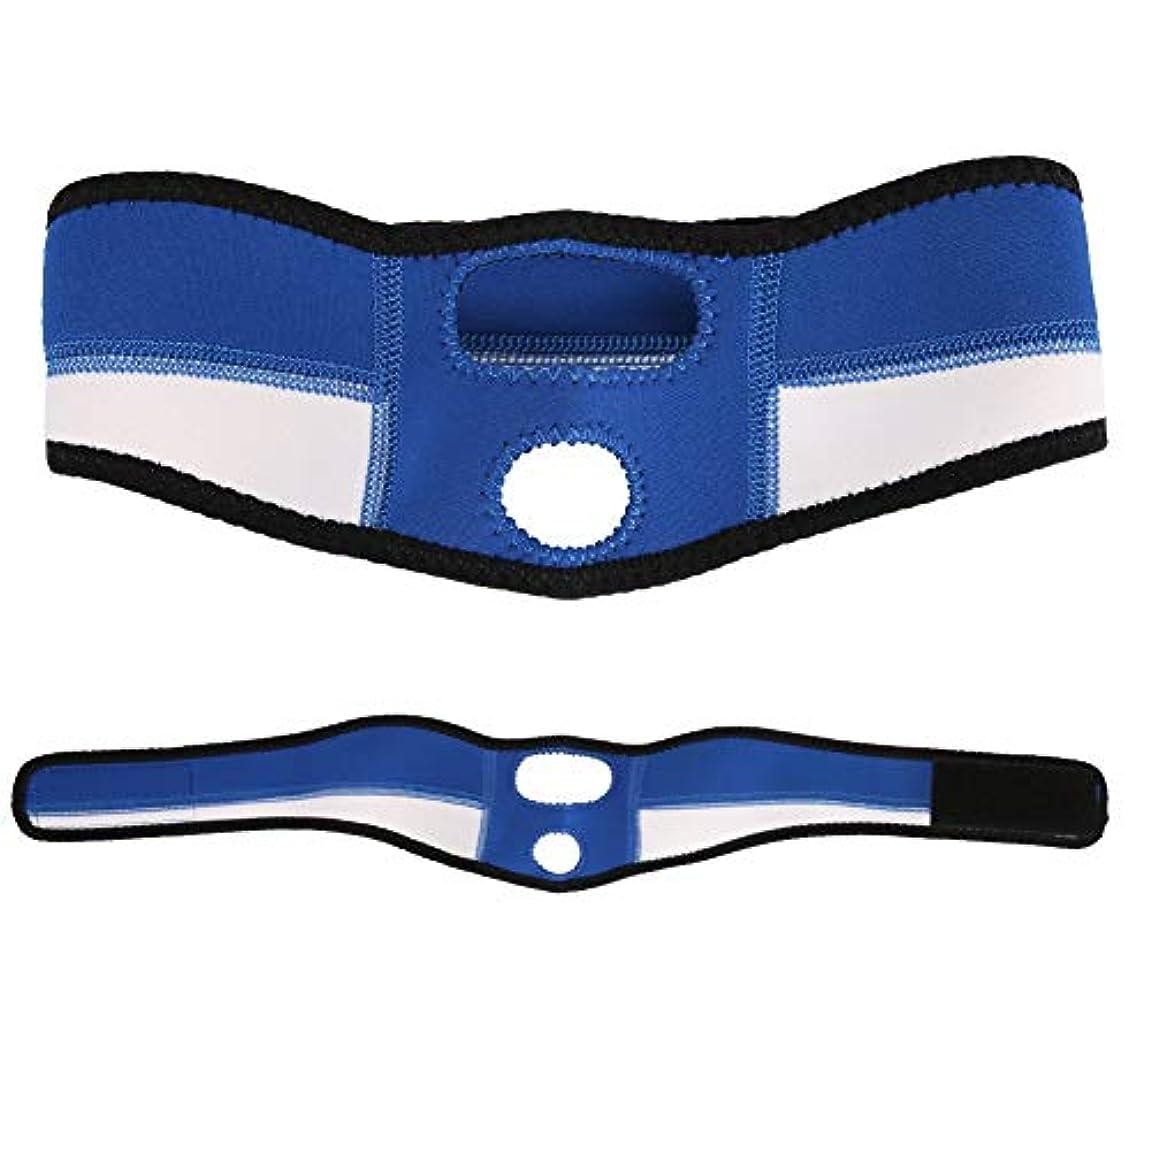 フェイス減量ベルト、顔フェイシャルリフティング痩身ベルト締め付け 调节可能 Vラインベルト リフトフェイスベルト 顎ベルト